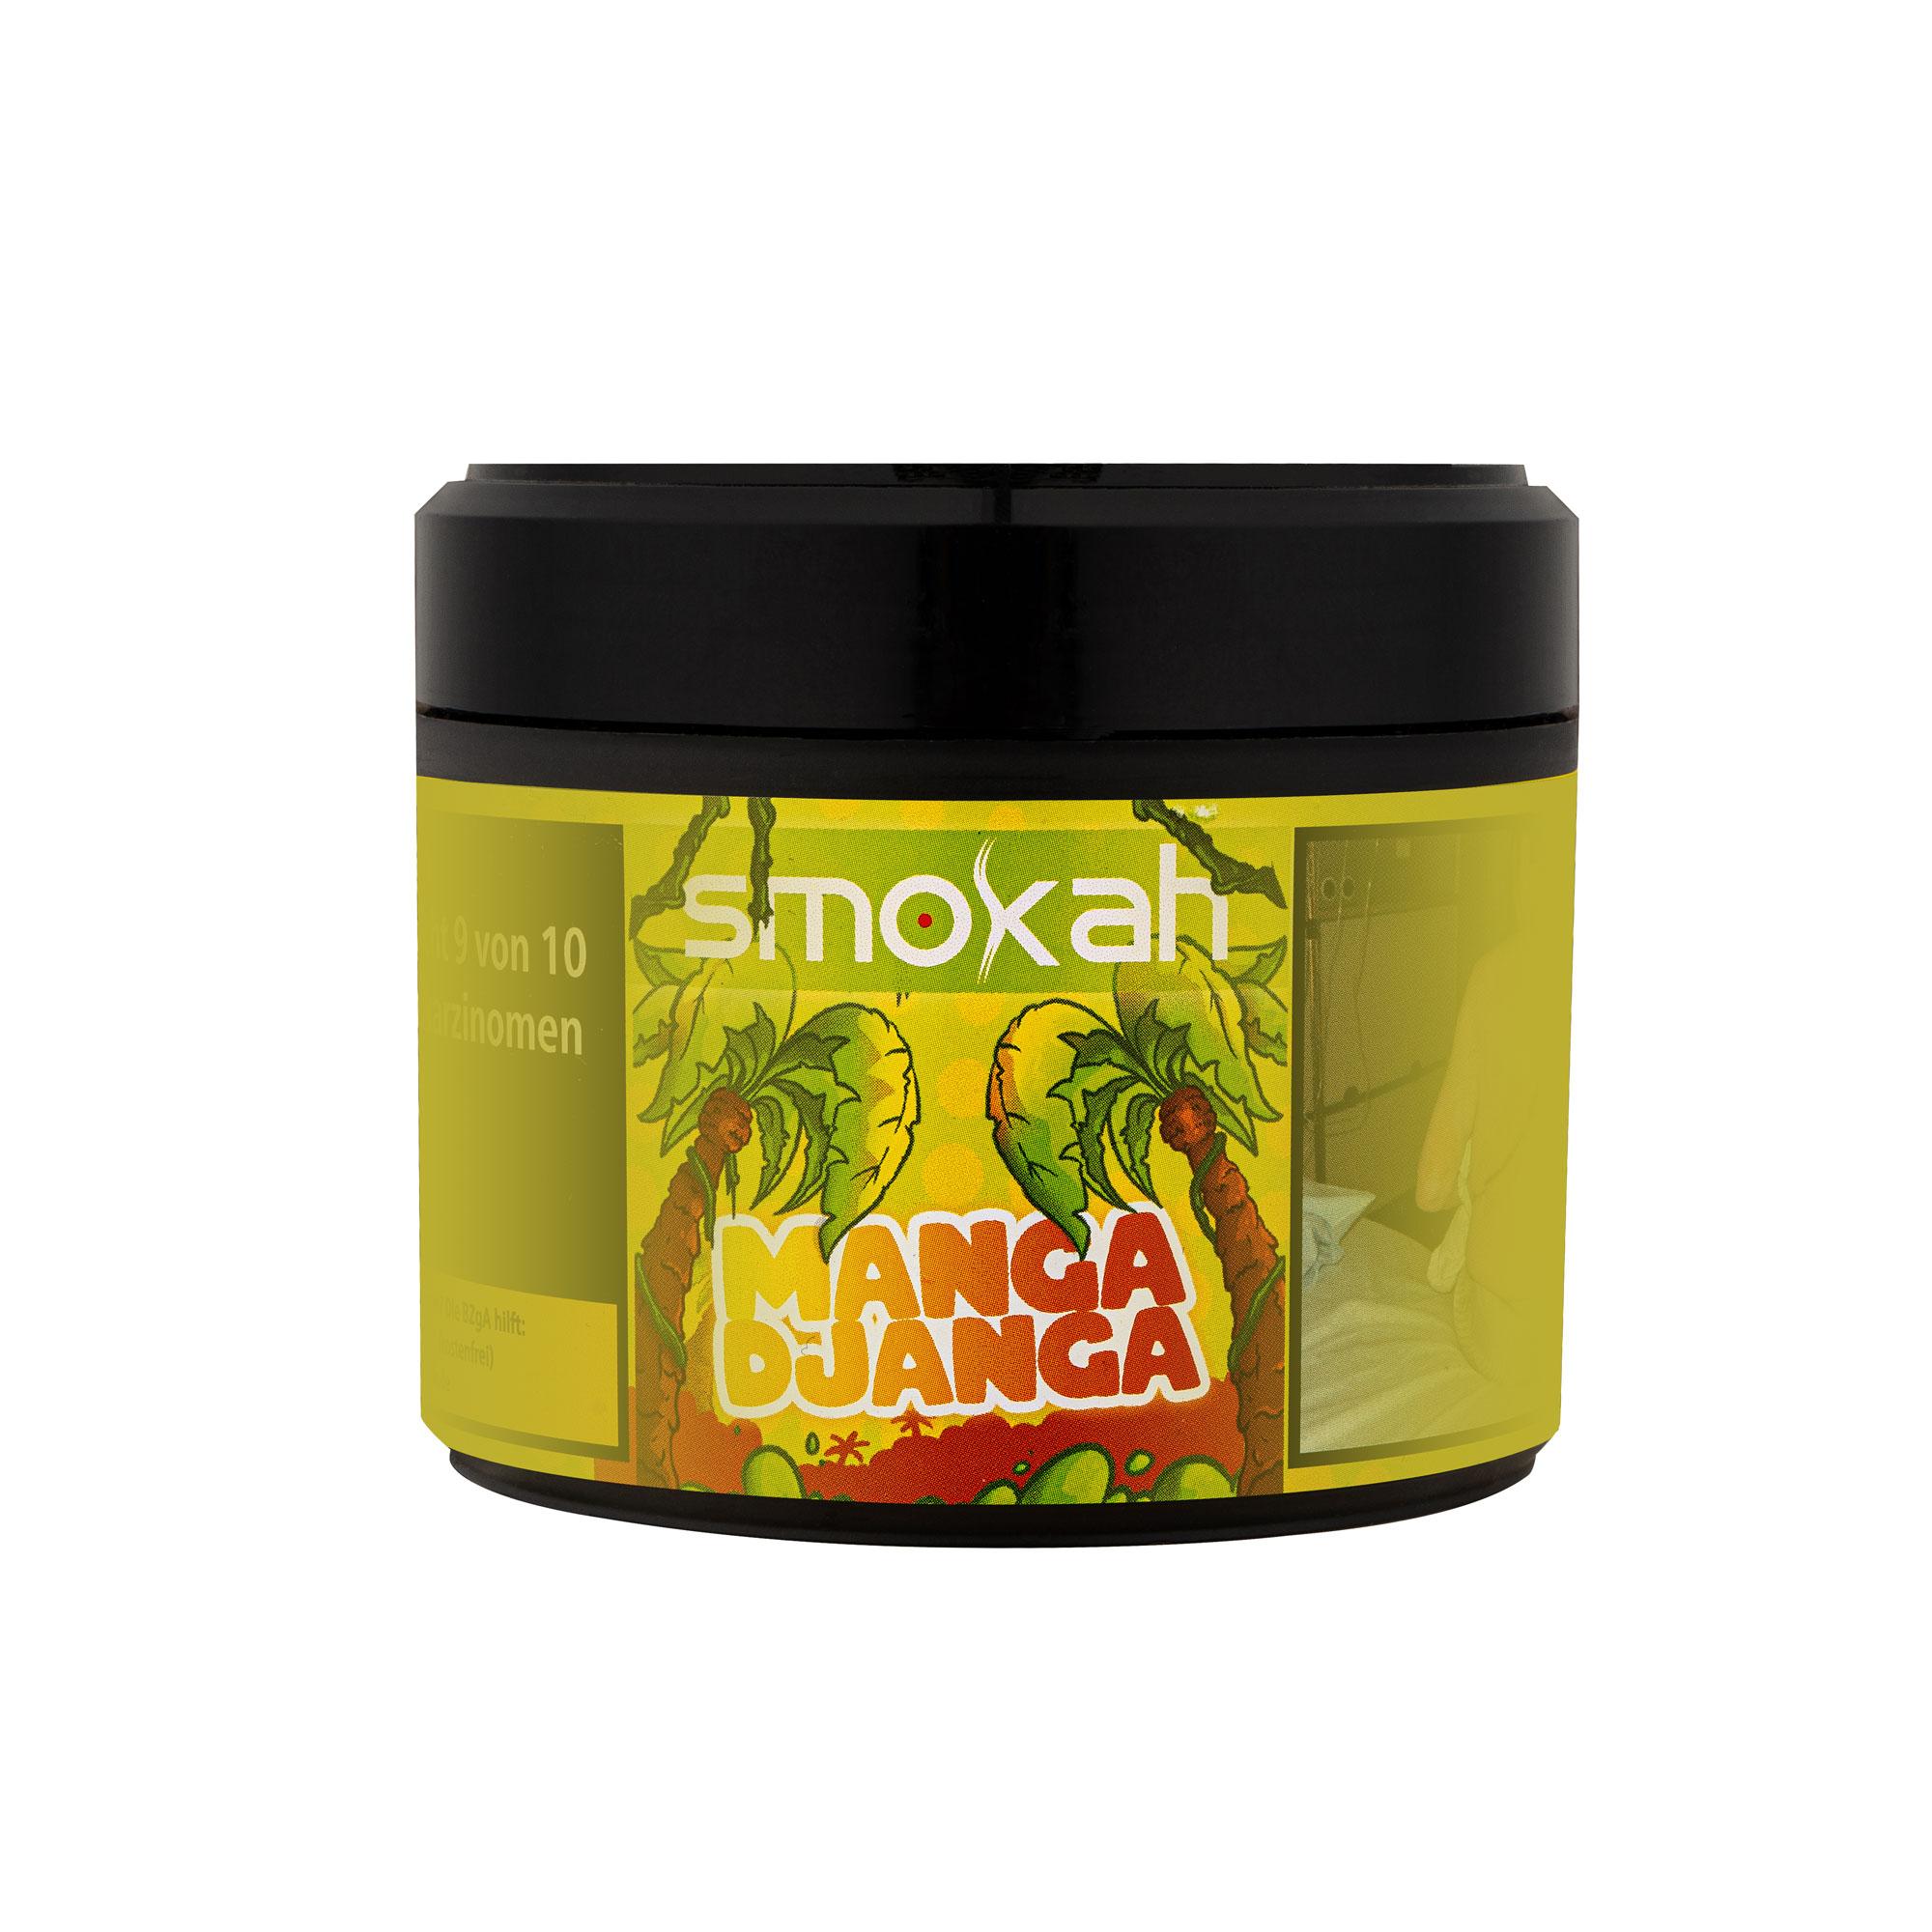 Smokah Tobacco 200g - Manga Djanga